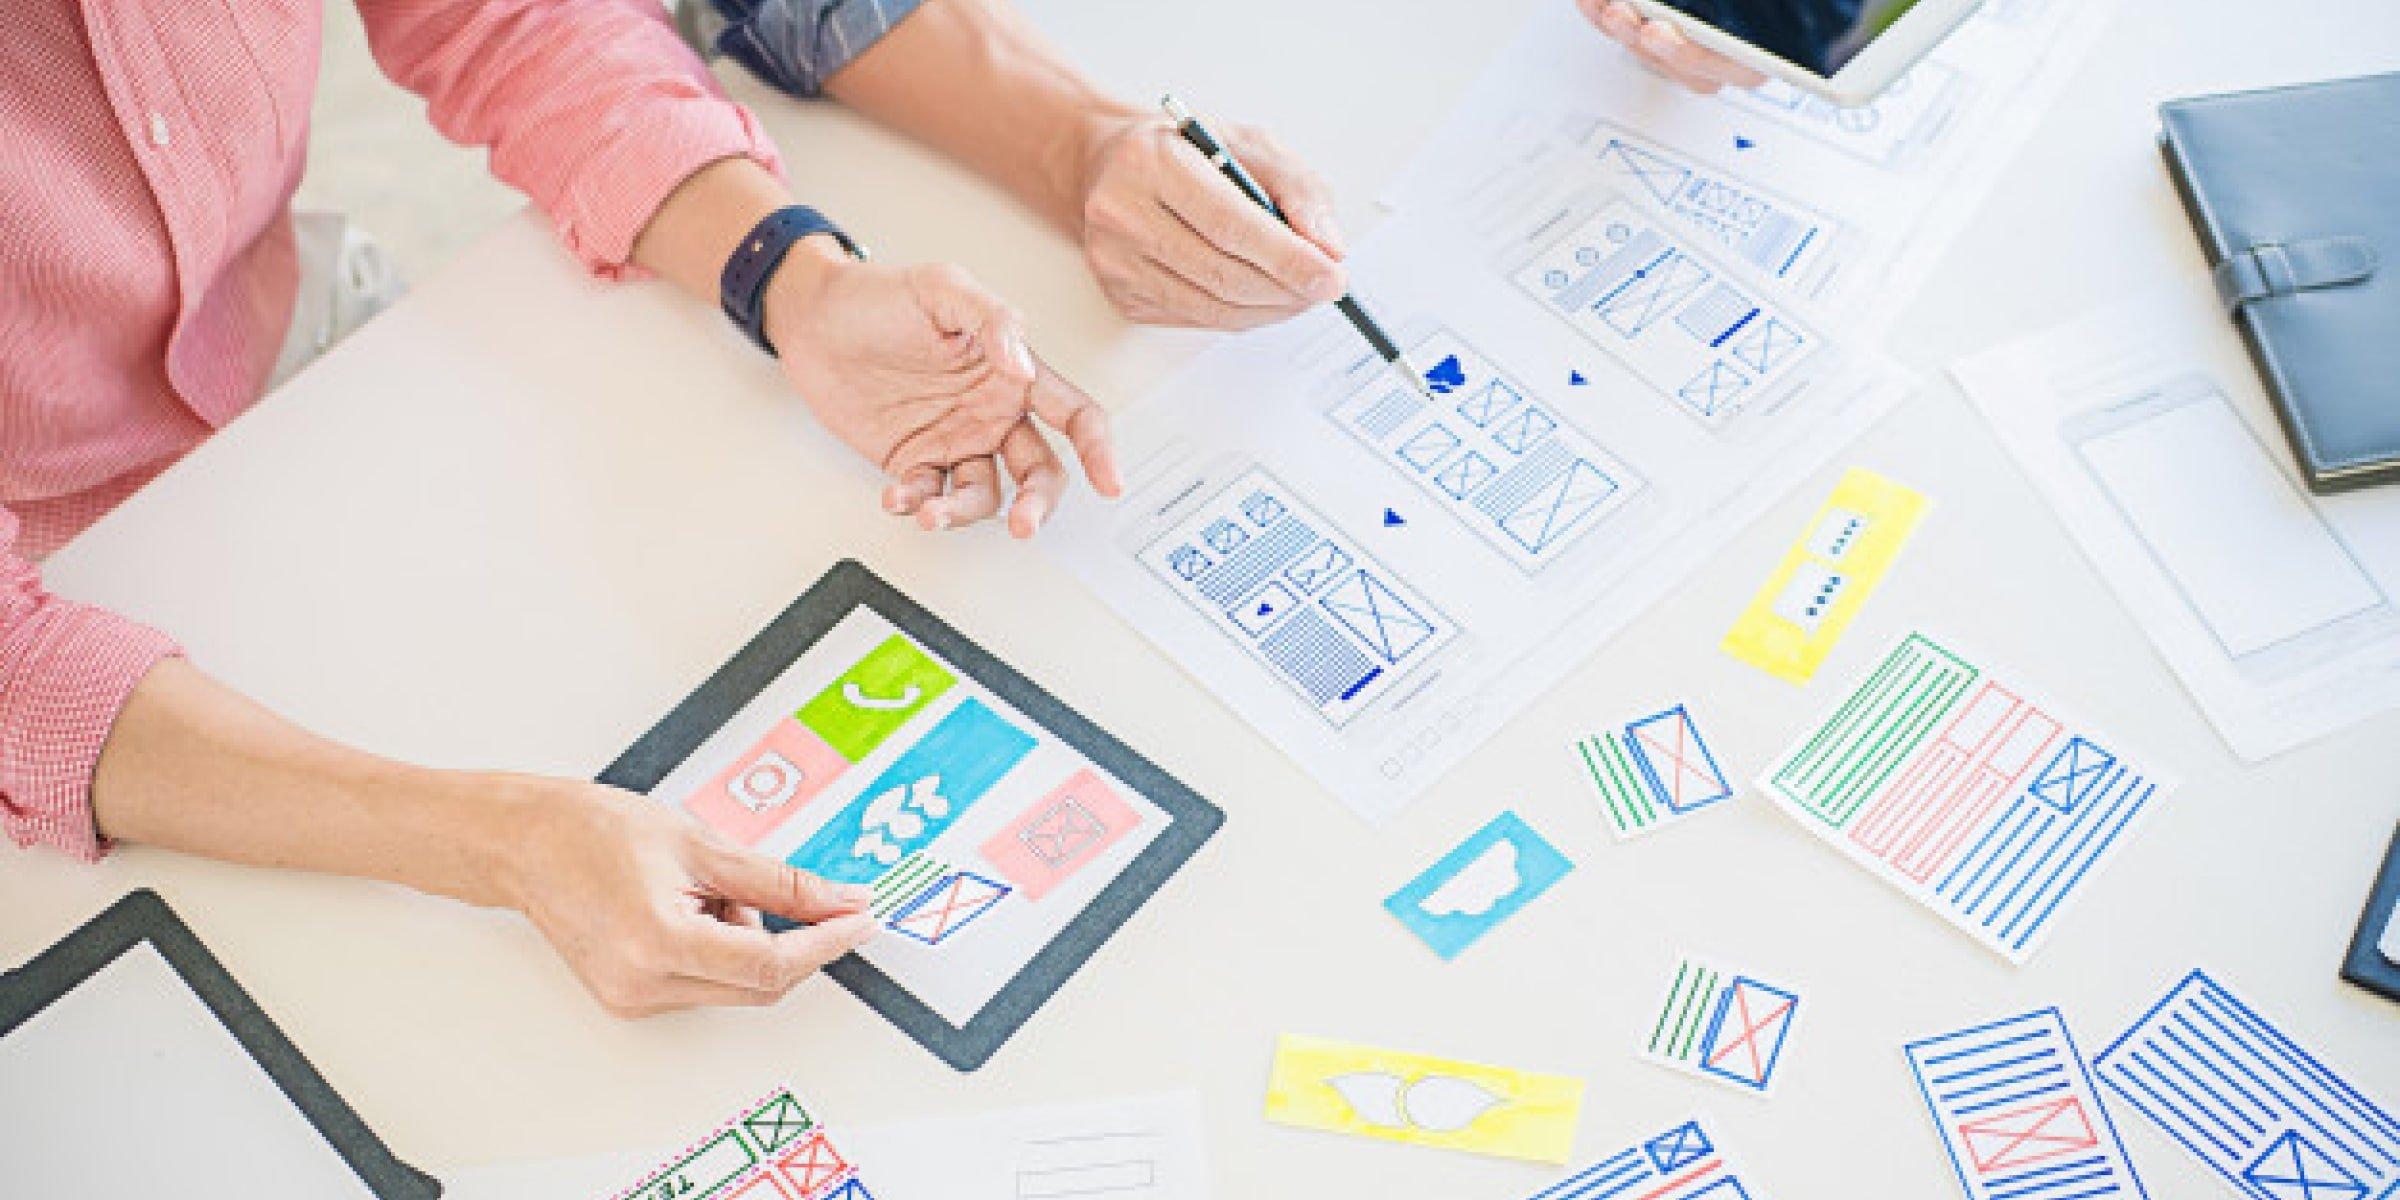 L'UX Designer _ le créateur de l'expérience utilisateur